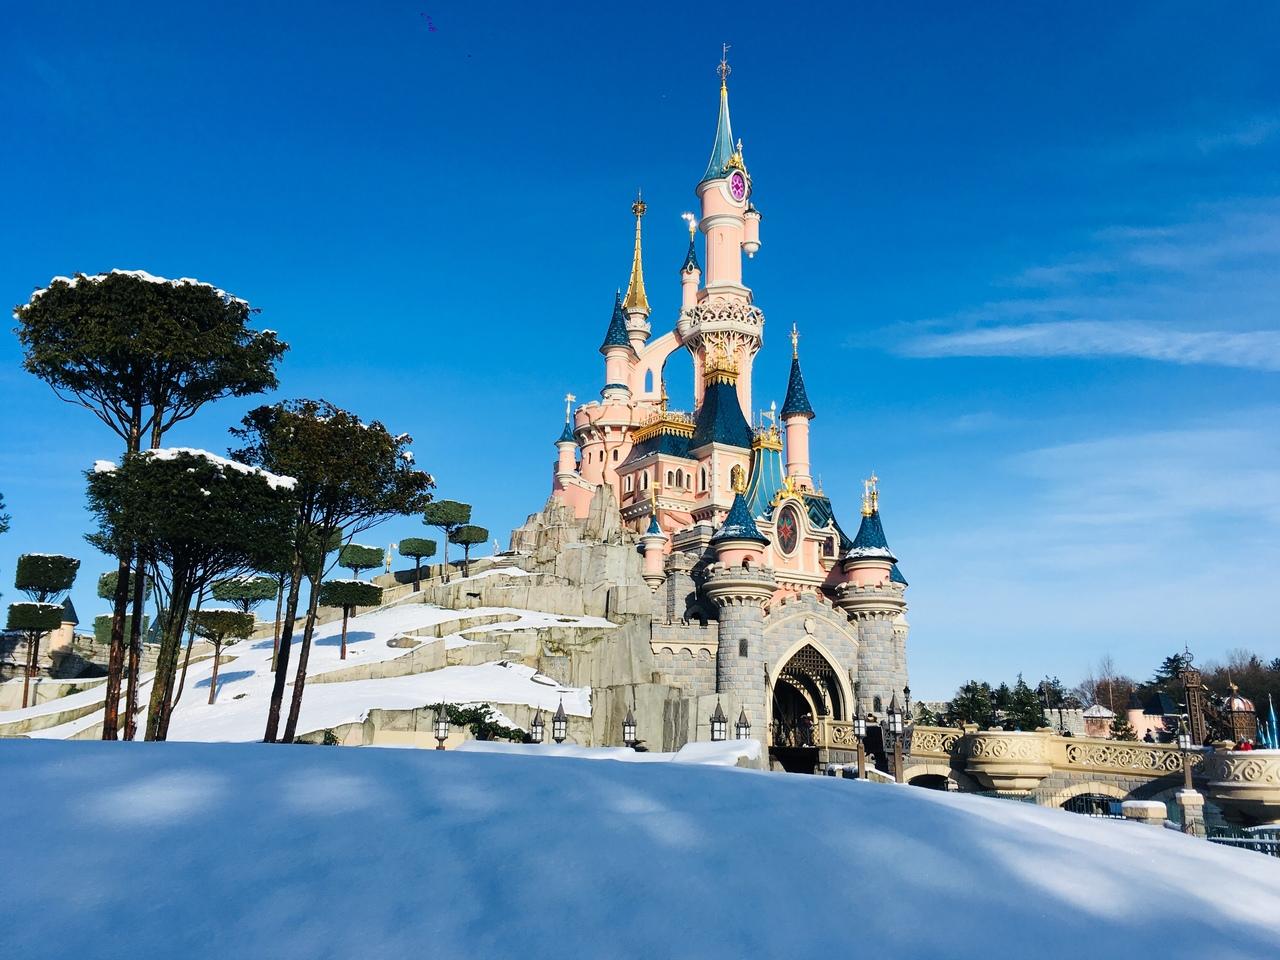 Disney et le mauvais temps (orage, pluie, neige, grêle...) - Page 41 190130124427406465